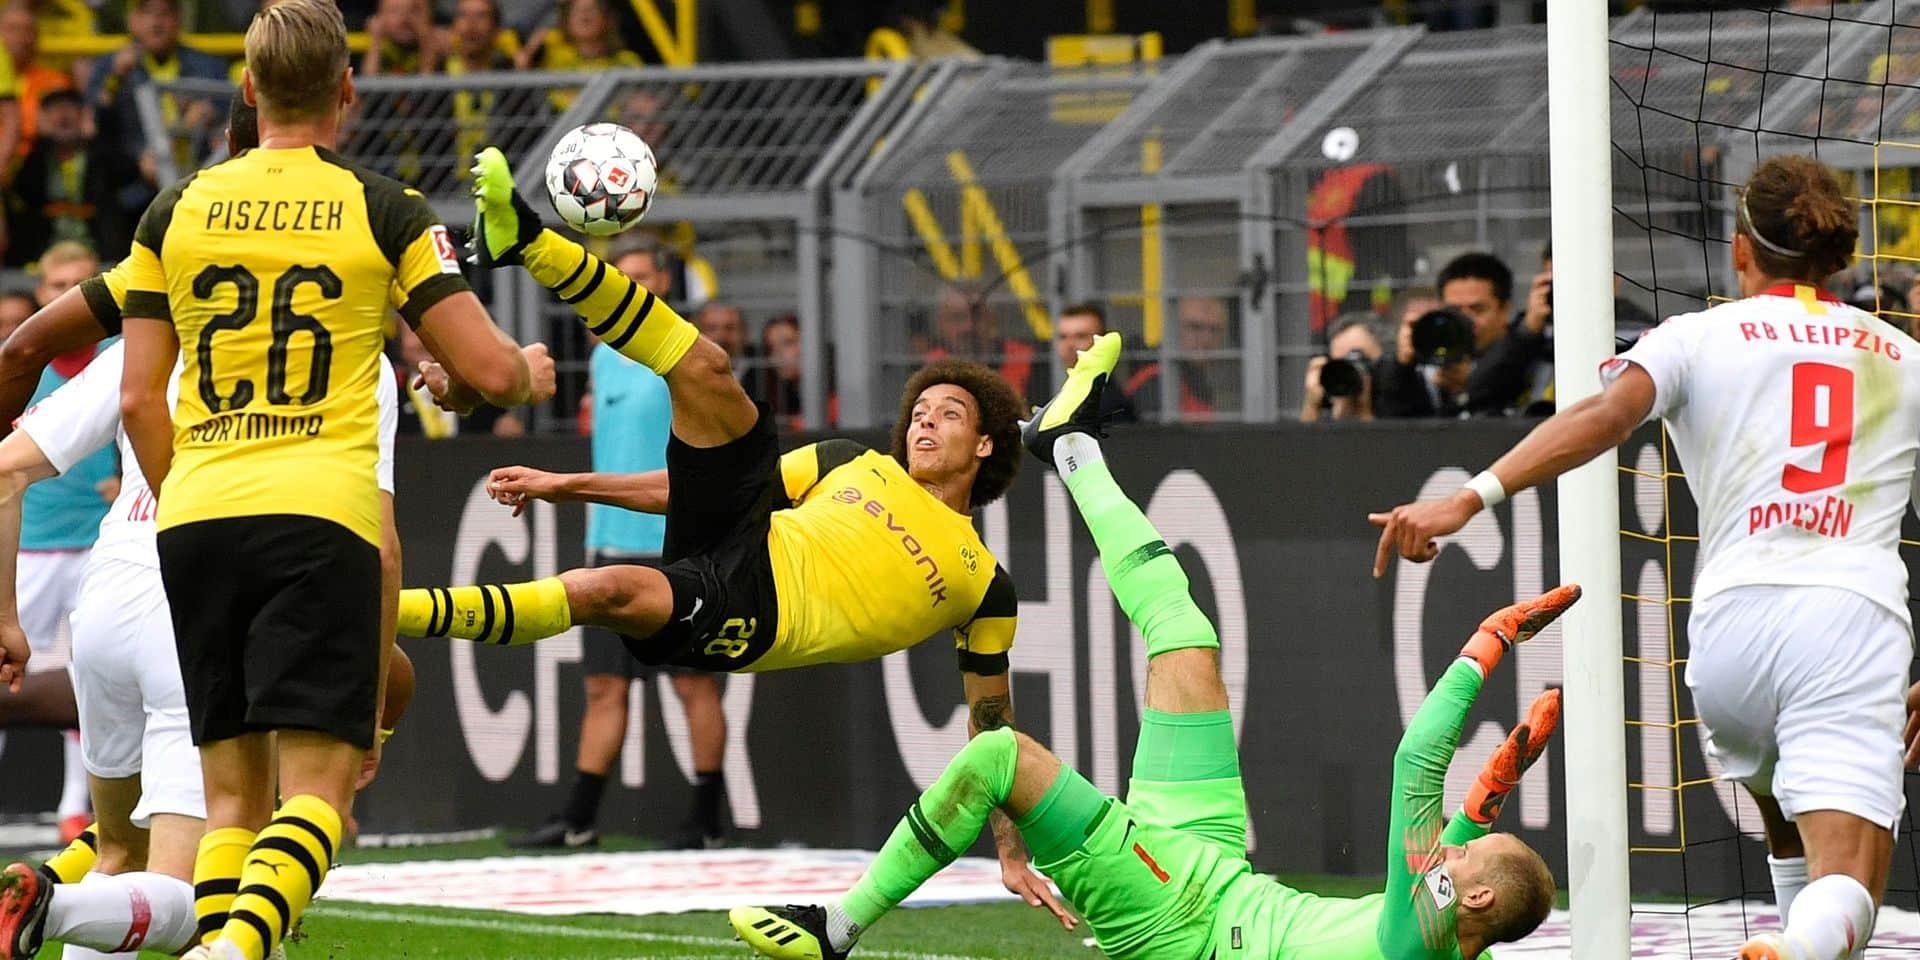 Les Belges à l'étranger: Hazard convertit un penalty contre Newcastle, Witsel s'offre un but magnifique contre le RB Leipzig (VIDEO)